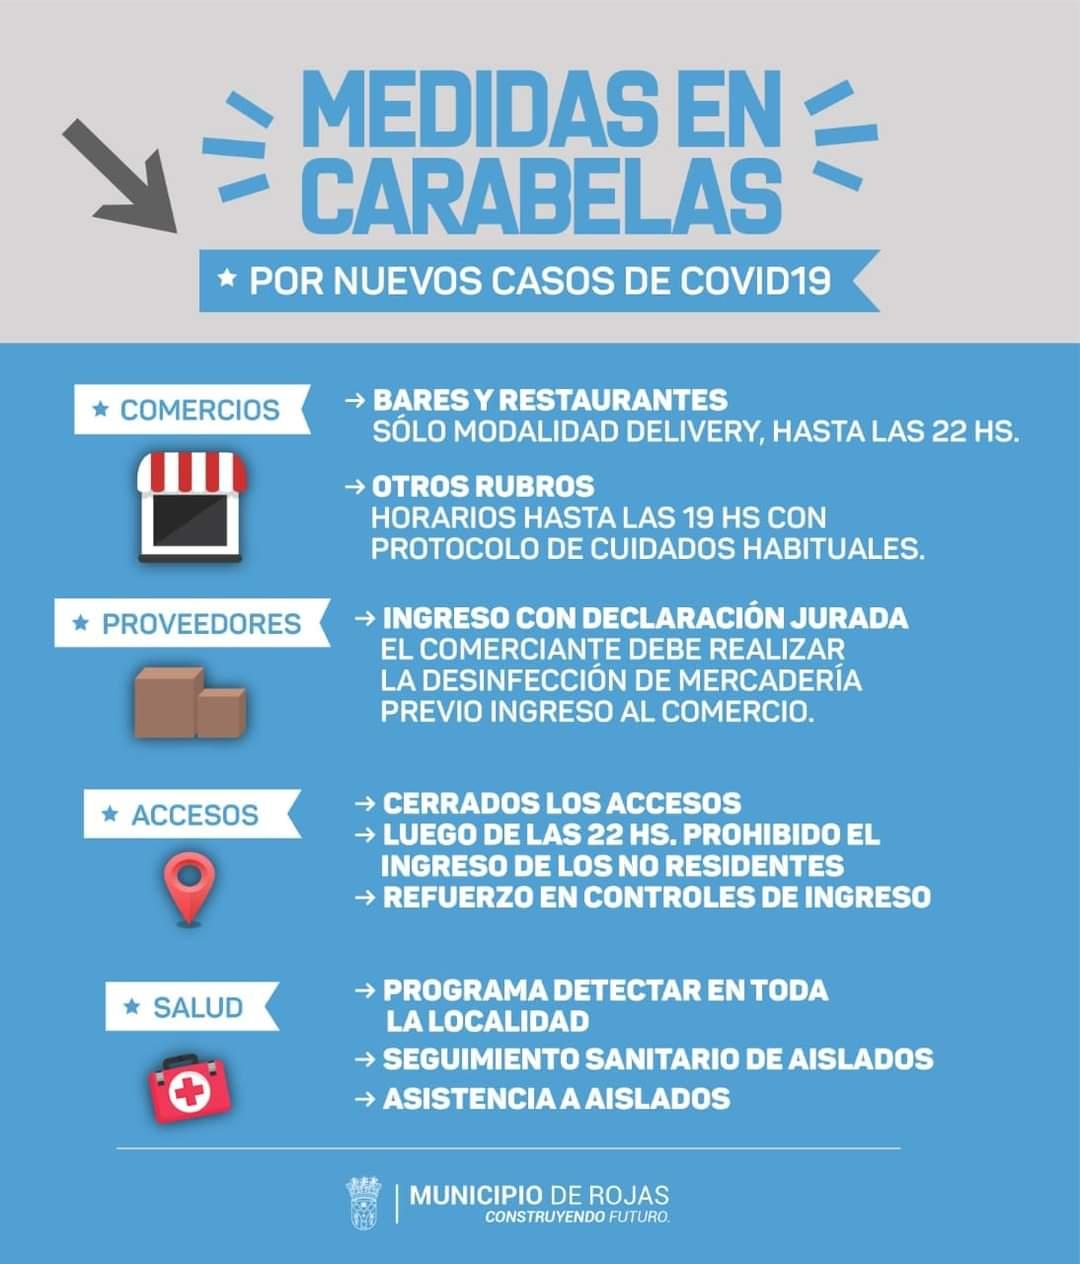 Ponen en funcionamiento el plan detectar y adoptan nuevas medidas para prevenir el aumento de casos de Coronavirus en Carabelas 1